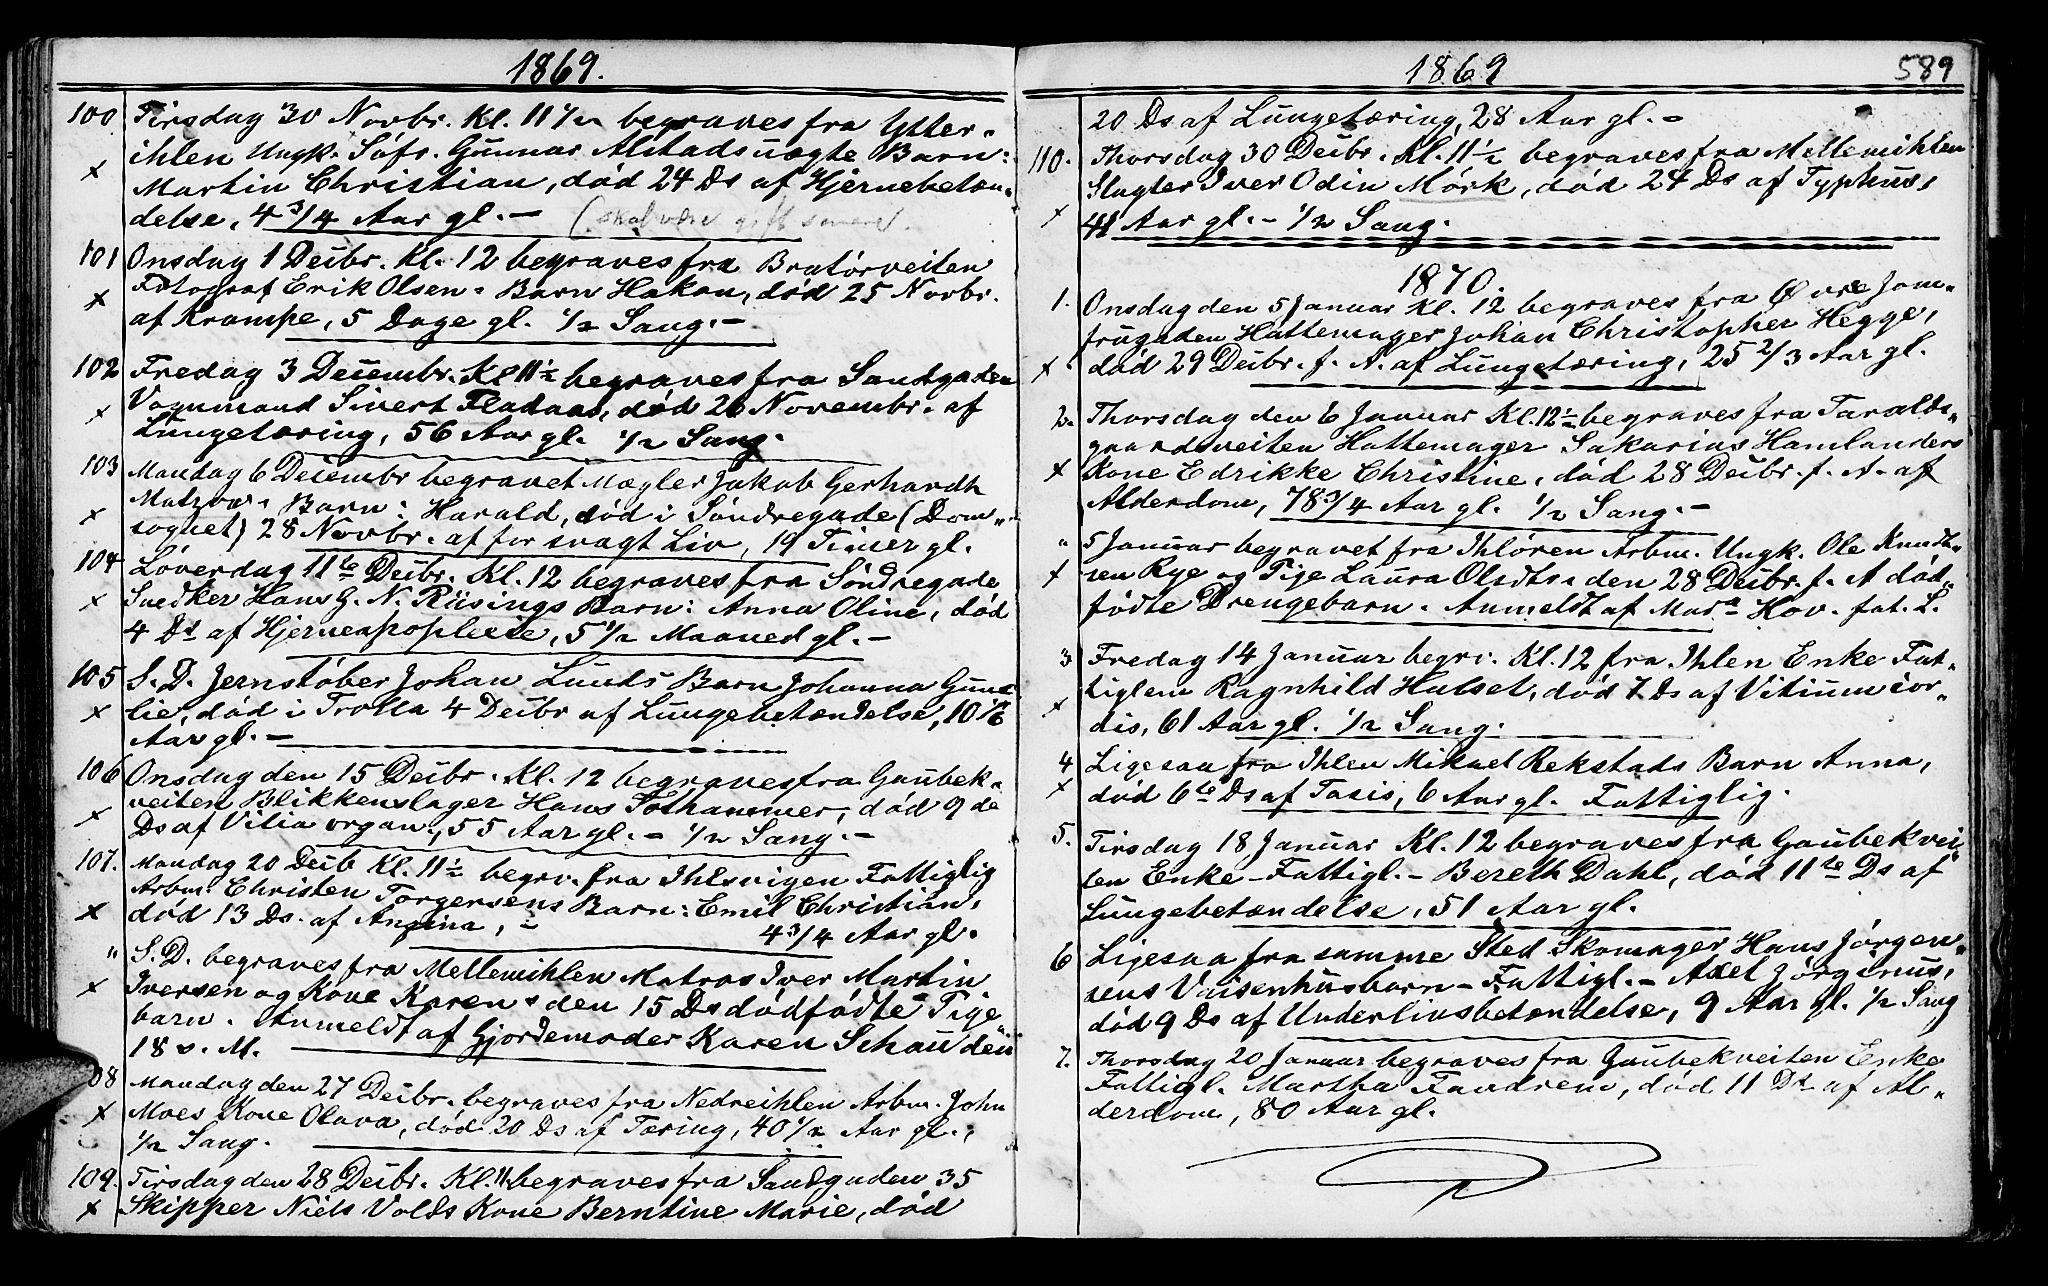 SAT, Ministerialprotokoller, klokkerbøker og fødselsregistre - Sør-Trøndelag, 602/L0140: Klokkerbok nr. 602C08, 1864-1872, s. 588-589